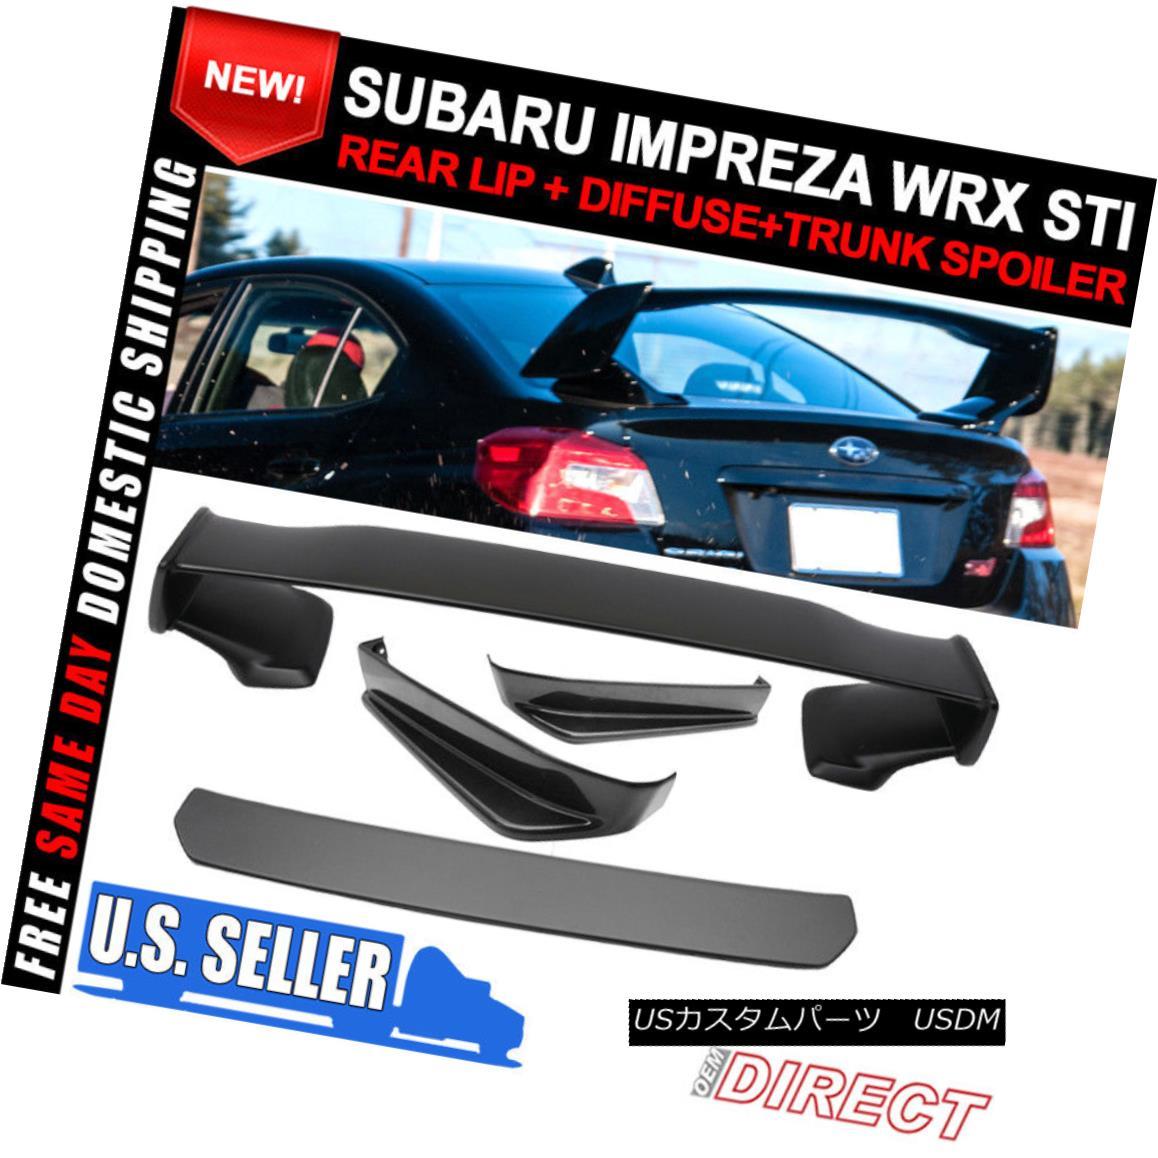 エアロパーツ Fits 15-18 Subaru WRX STI V Limited Rear Lip 2Pc+Diffuser+Spoiler ABS フィット15-18 Subaru WRX STI Vリヤリップ2Pc +ディフューザ+ ABS